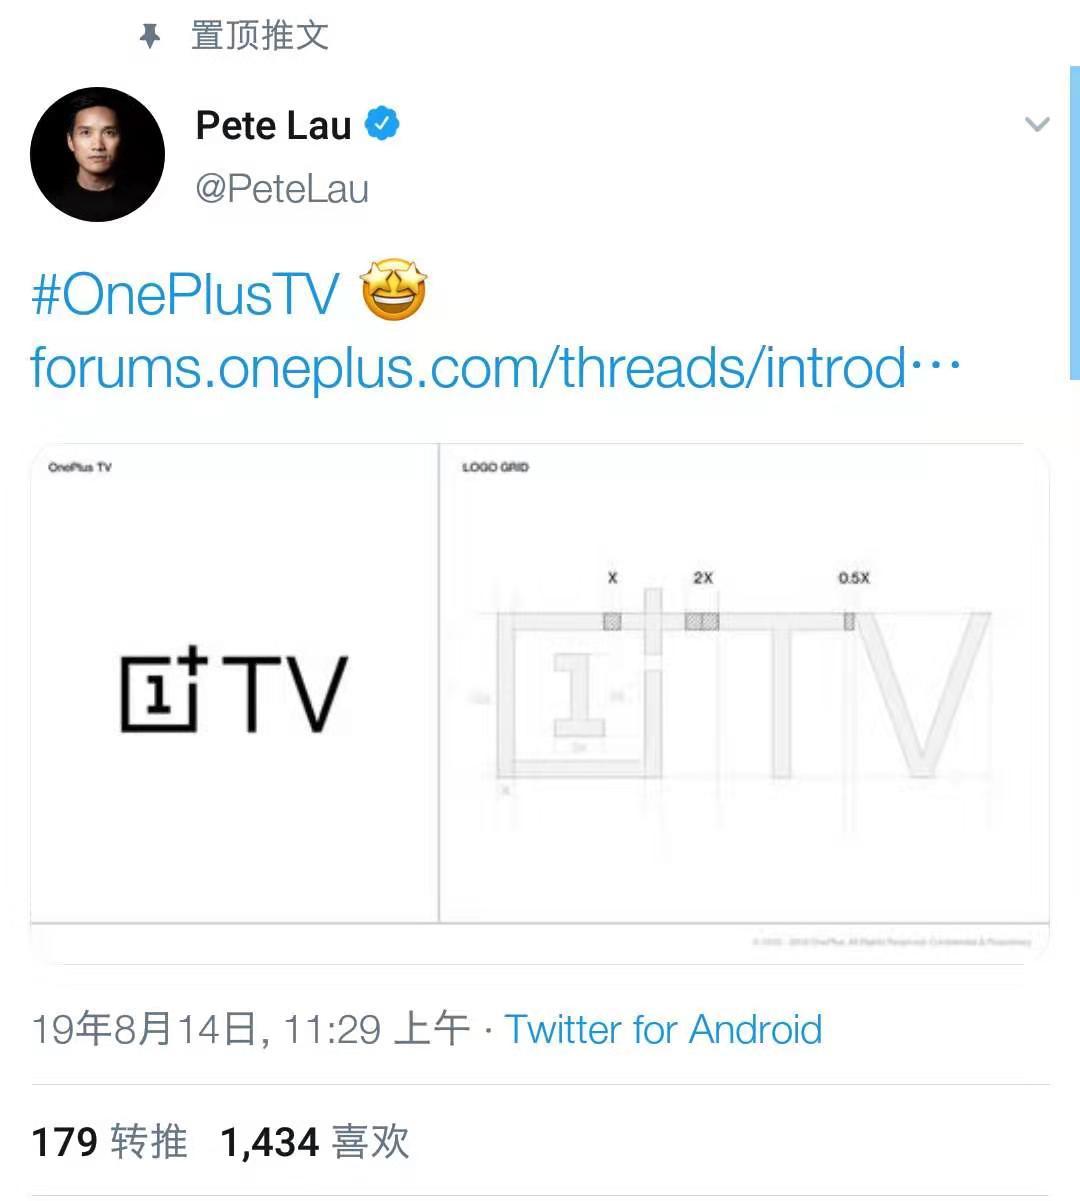 刘作虎确认一加将推出智能电视,还晒出了logo | 钛快讯